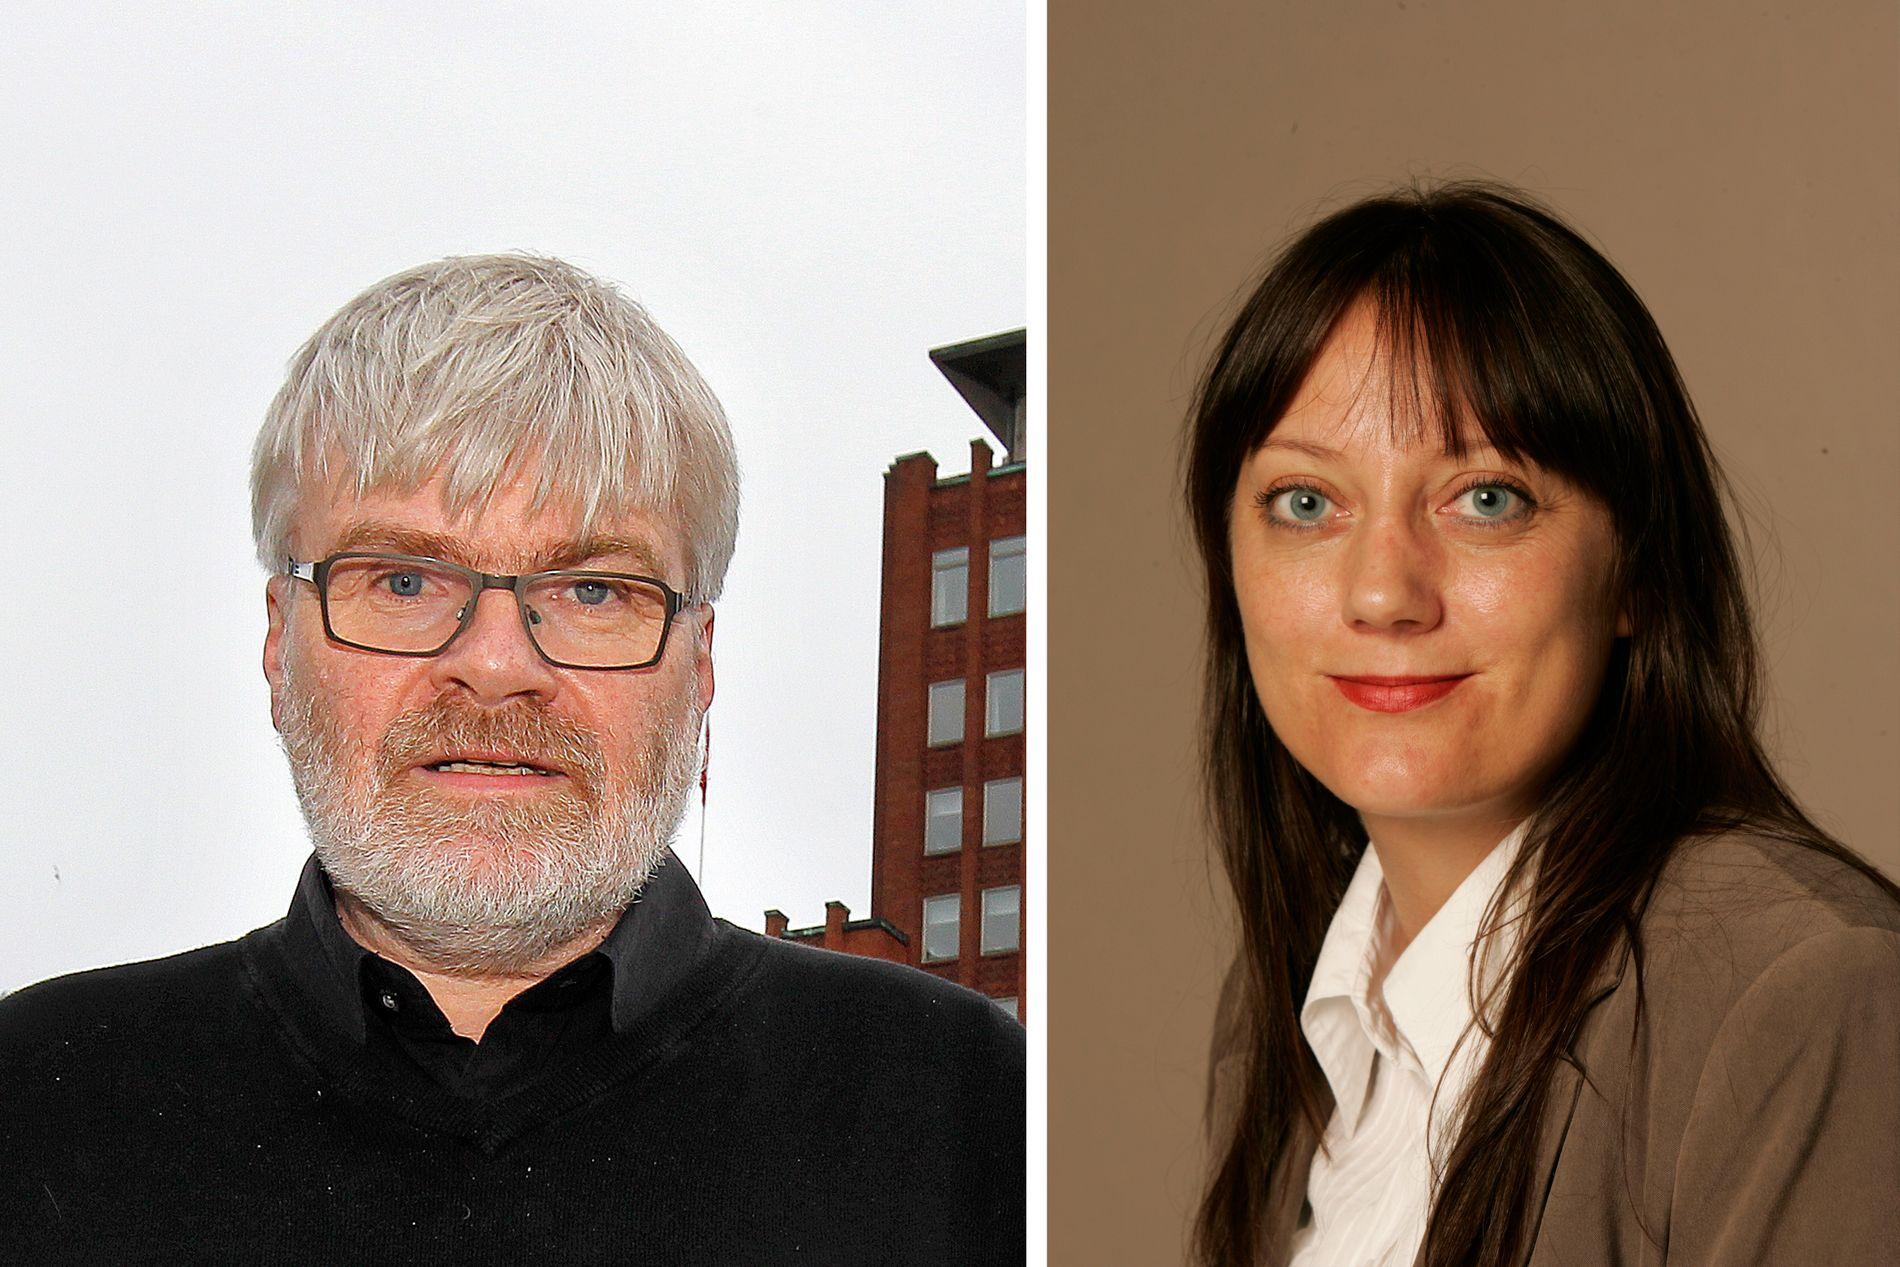 I KONFLIKT: Etter et kontroversielt innlegg fra Leif Sande la kommunikasjonsrådgiver Anne Odden ut et bilde av ham med en blink på brystet.